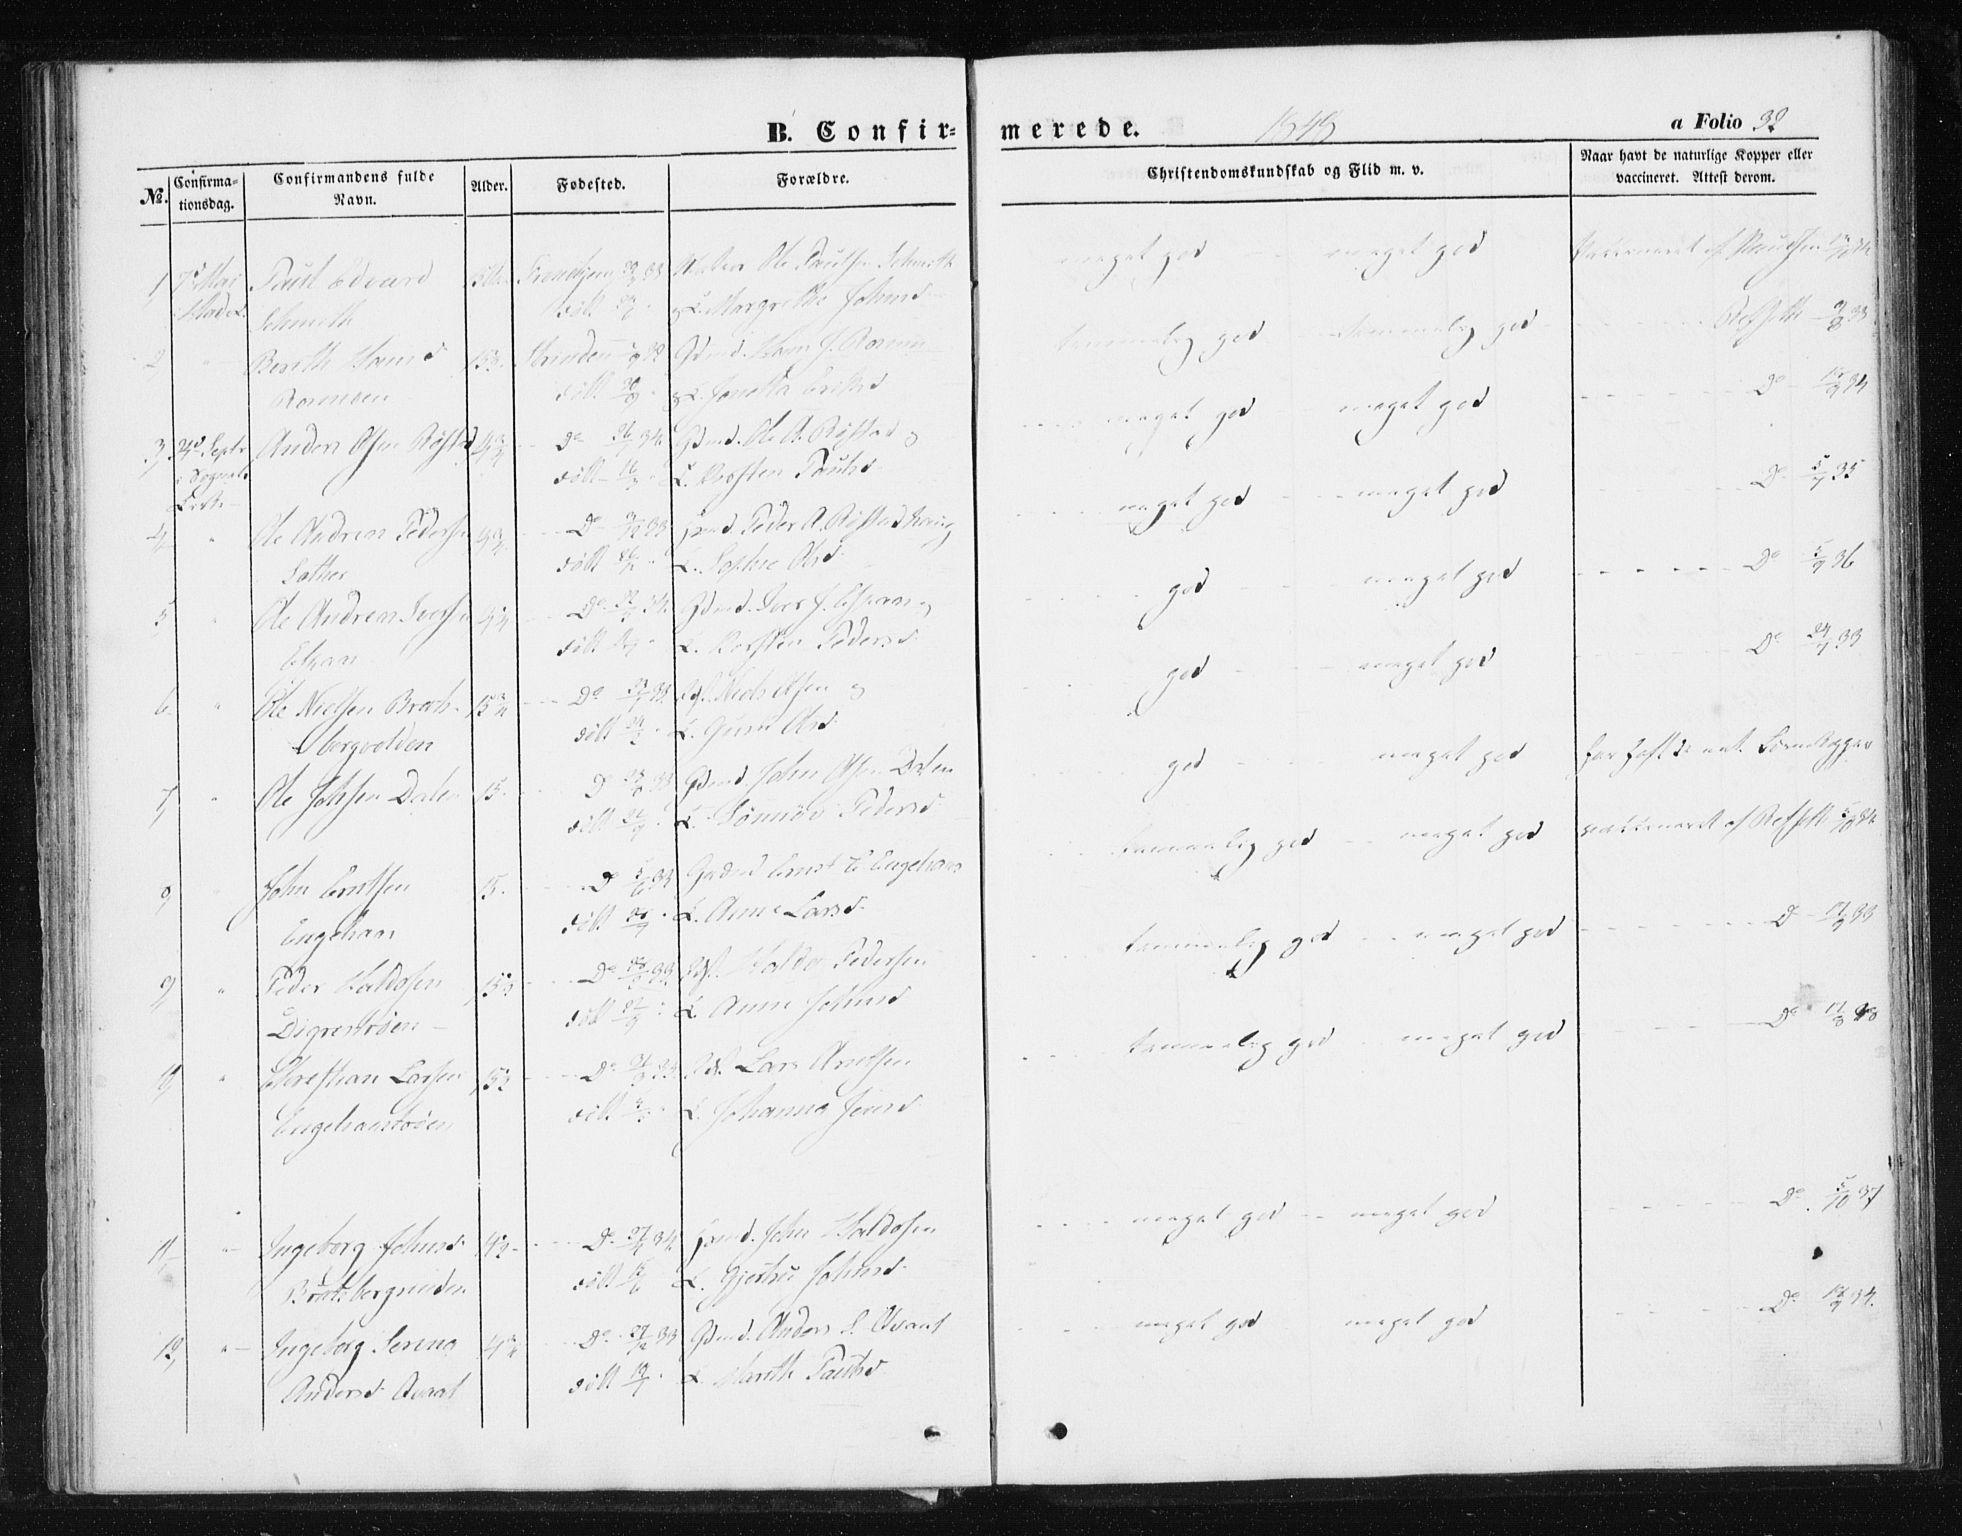 SAT, Ministerialprotokoller, klokkerbøker og fødselsregistre - Sør-Trøndelag, 608/L0332: Ministerialbok nr. 608A01, 1848-1861, s. 32